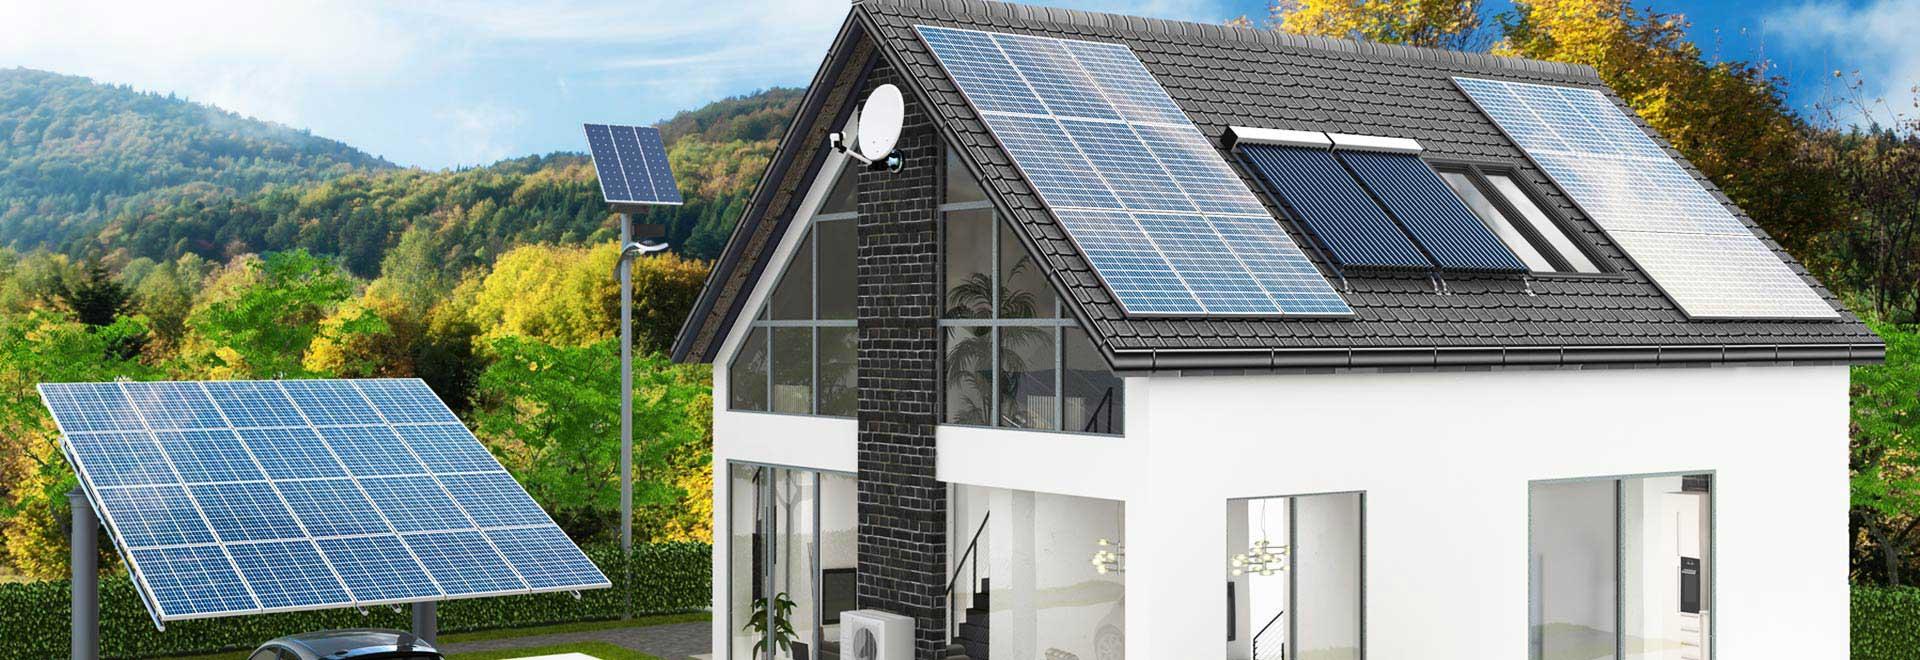 Walter Vögele GmbH in Freiburg: die Energie der Sonne nutzen